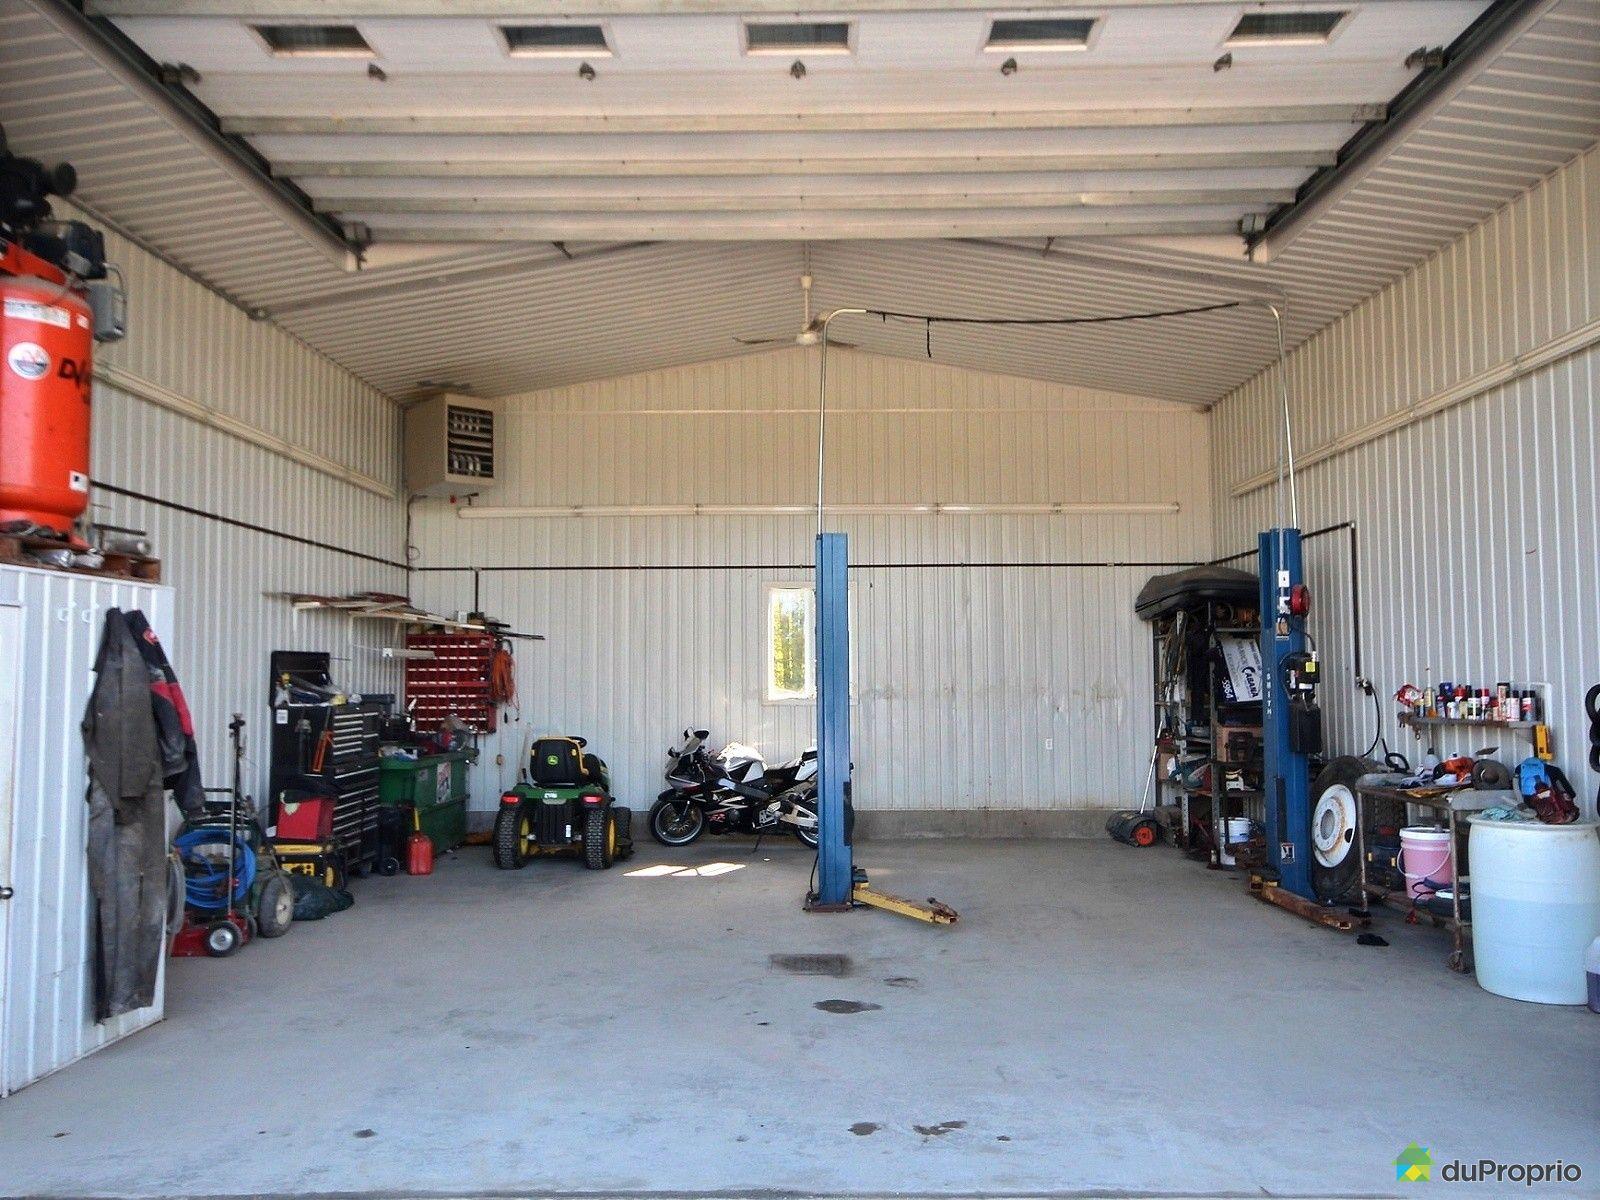 Maison vendre valcourt 5804 rue des grandes prairies immobilier qu bec duproprio 645655 - Equipement de garage a vendre ...